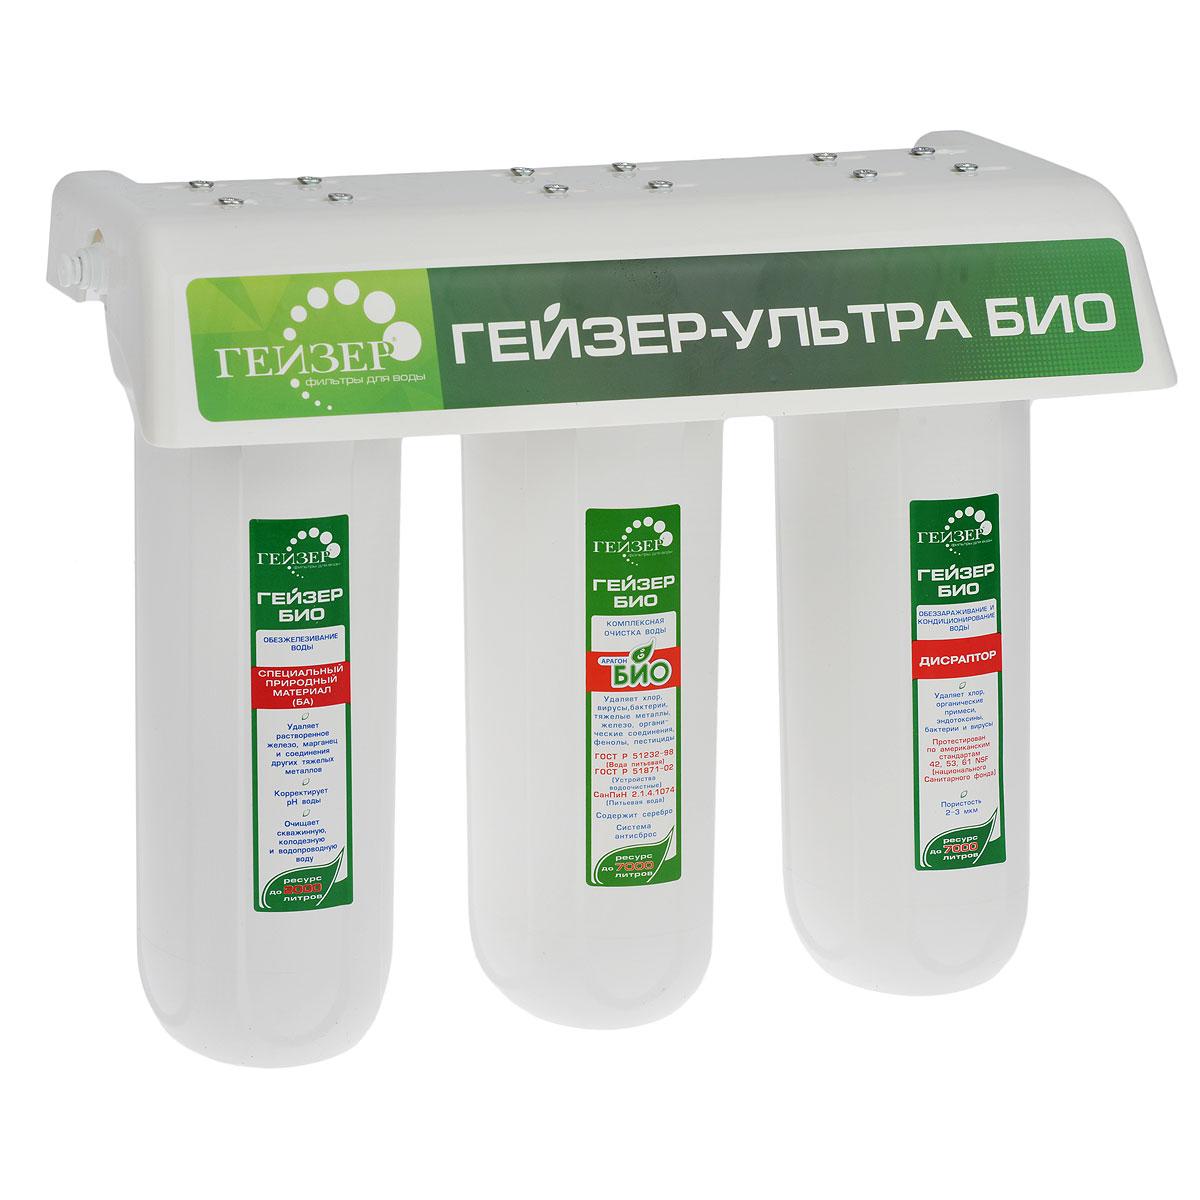 Трехступенчатый фильтр для очистки воды с повышенным содержанием железа.   Признаки присутствия железа в воде: хлопья ржавчины, бурый осадок при отстаивании,  характерный привкус и запах железа, ржавые подтеки на сантехнике.    Самая совершенная и оптимальная система очистки воды для каждого дома. Позволяет получать  неограниченное количество воды питьевого класса из отдельного крана чистой воды.  Уникальная  защита вашей семьи от любых загрязнений, какие могут попасть в водопровод, включая прорыв  канализационных стоков и радиационное заражение.  Гейзер 3 - это один из лучших фильтров   100% защита от вирусов и бактерий, подтвержденная сертификатом по системе ГОСТ Р и  заключением Федеральной службы по надзору в сфере защиты прав потребителя и благополучия  человека.   Фильтр рекомендован для доочистки и дообеззараживания водопроводной воды ФГБУ НИИ  Экологии Человека и Гигиены Окружающей Среды им. А.Н. Сысина Минздравсоцразвития  России.   При очистке воды фильтром наблюдается эффект квазиумягчения: при снижении накипи не  удаляются полезные элементы кальций и магний.   Подтверждено Венским государственным университетом (Австрия), Ведущей организацией по  разборке стандартов питьевой воды Welthy Corp (Япония).   Активное серебро для подавления роста отфильтрованных бактерий.  Уникальная система Антисброс: в процессе очистки воды гарантирована защита от  проникновения в очищенную воду ранее отфильтрованных примесей.   В моделях фильтров используется технологии, подтвержденные более 20-ти патентами.    Состав картриджей фильтра:   1-я ступень очистки (картридж БА). Ресурс 2000 литров.  2-я ступень очистки (картридж Арагон 2 Био). Ресурс до 7000 литров.  3-я ступень очистки (картридж Дисраптор). Ресурс 10000 литров.    Назначение картриджей:  1-я ступень очистки (картридж БА).   Используется для эффективного удаления избыточного растворенного железа (до 1 мг/л) и  соединений других металлов методом каталитического окисления. Фильтрующая загрузка –  природный материал